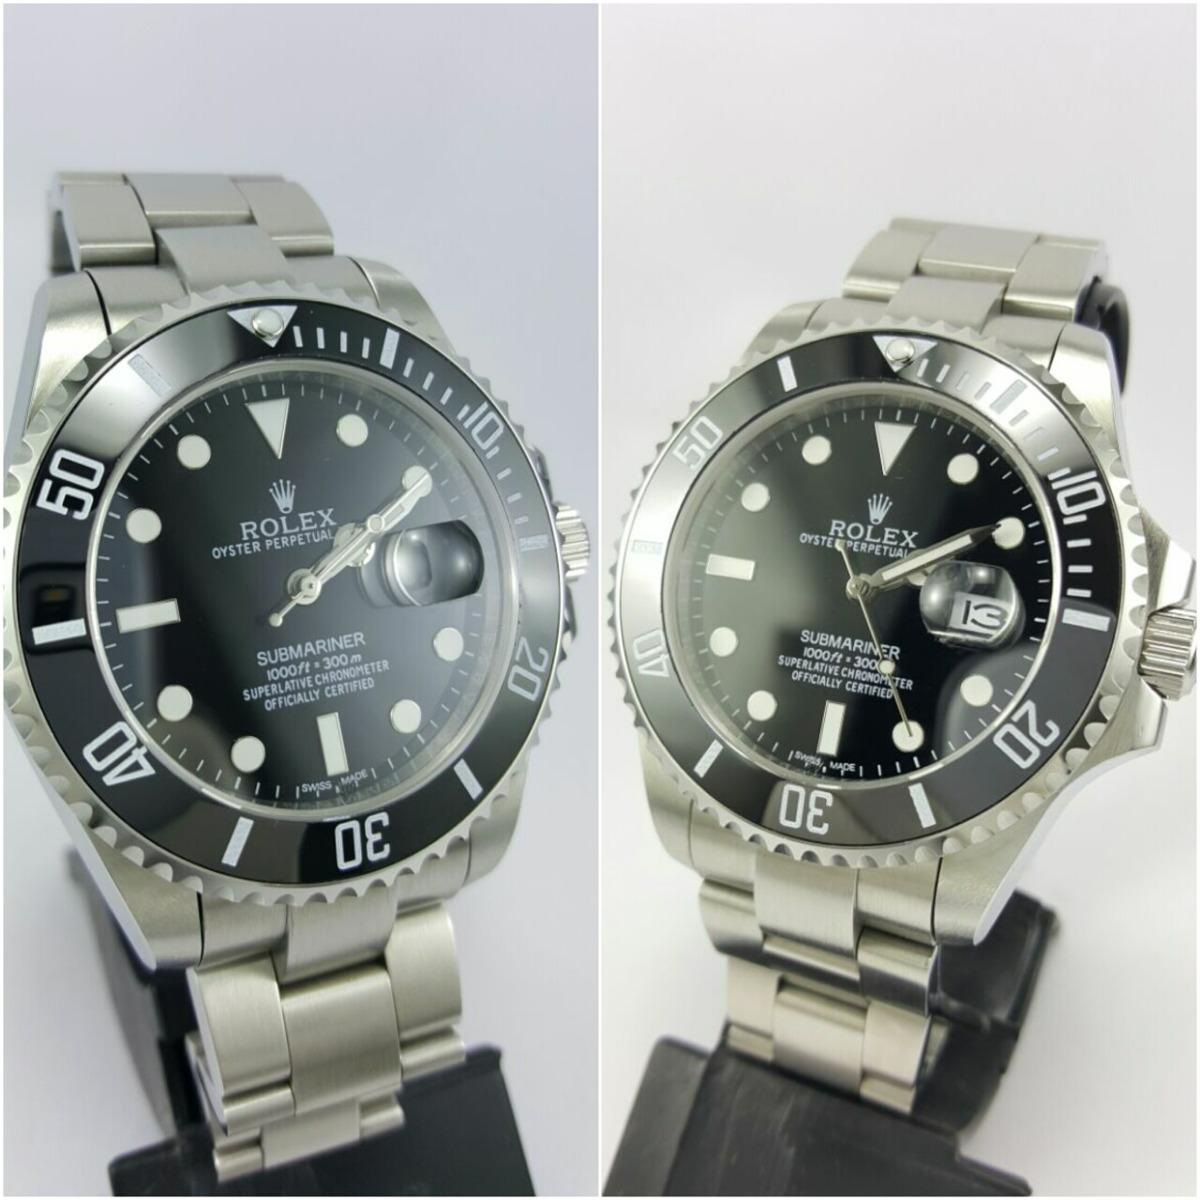 kit relógio rolex submariner dois por preço de um. Carregando zoom. 41dbeb02e62